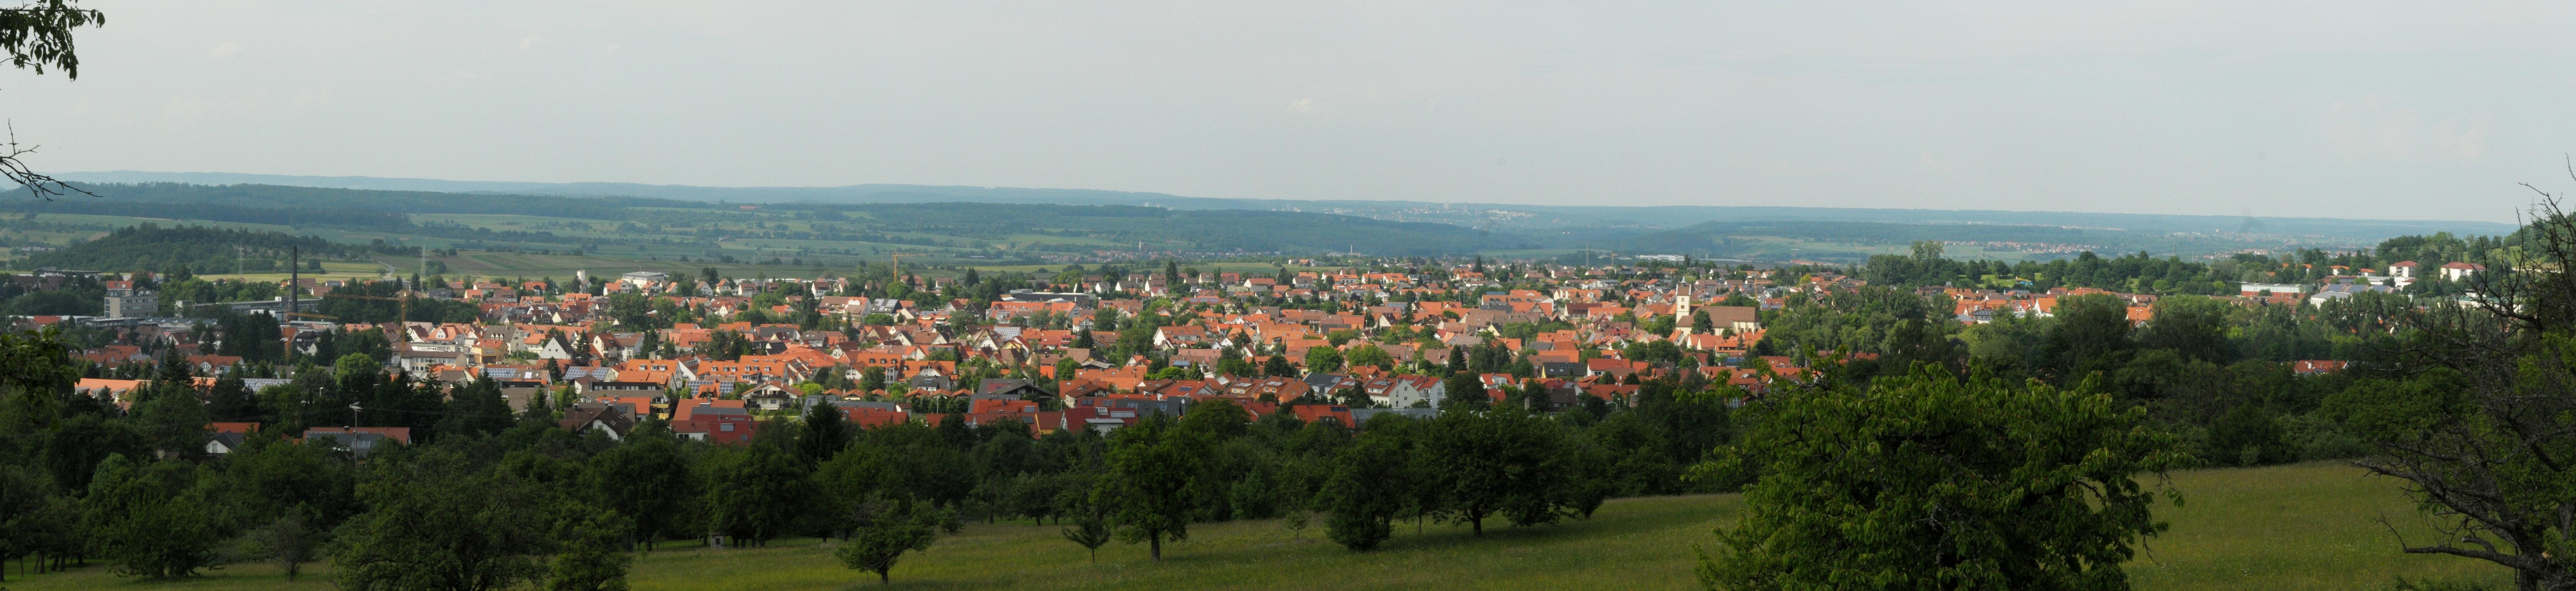 deutshe geile m Mössingen(Baden-Württemberg)